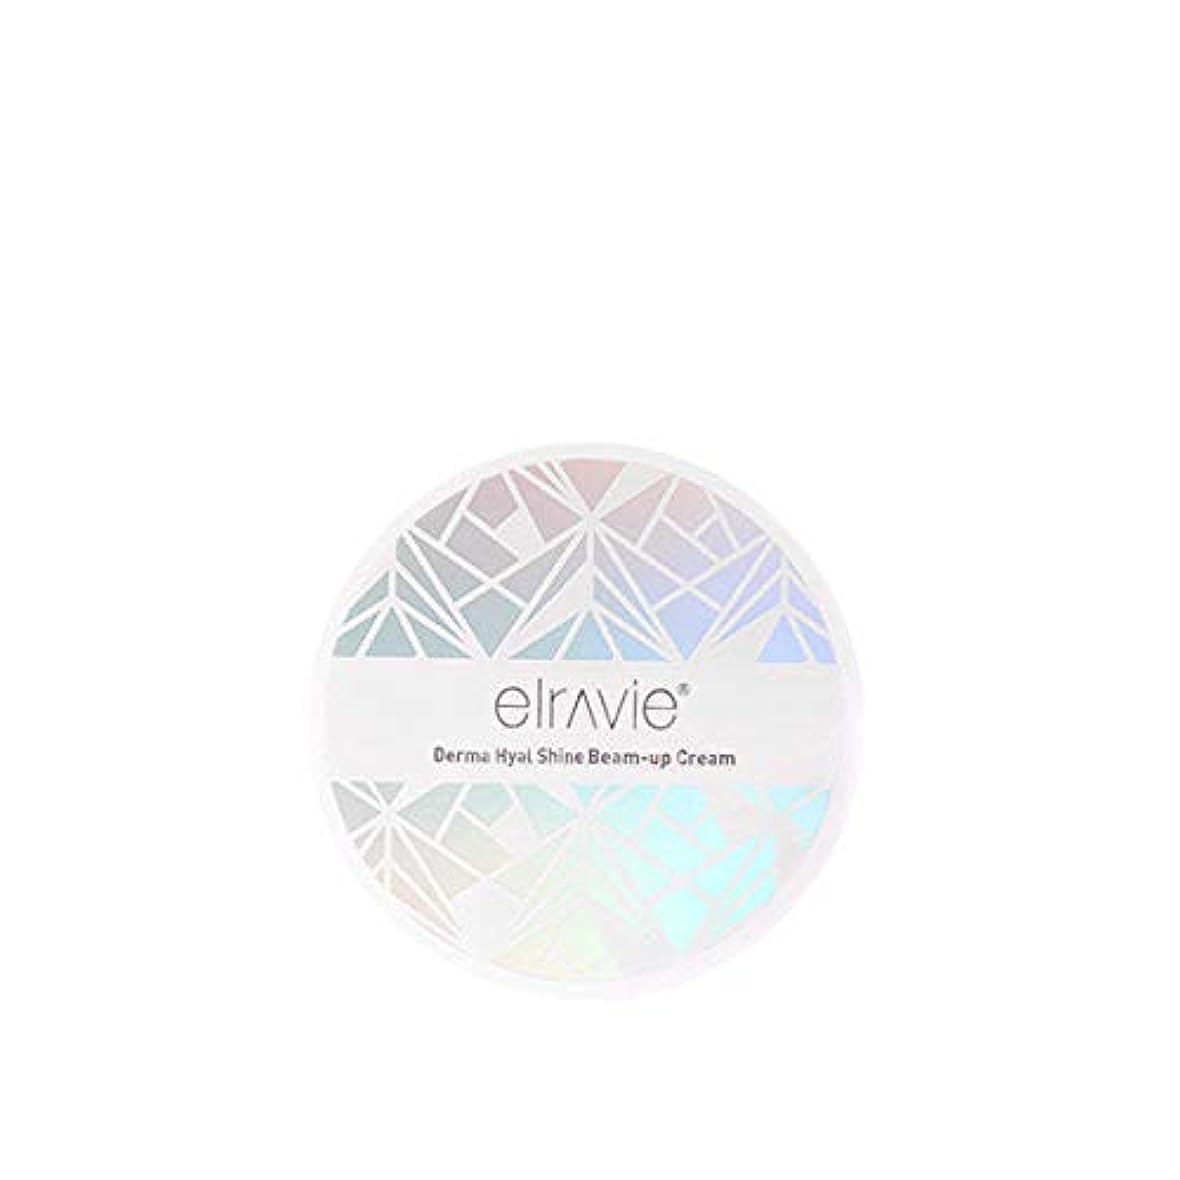 円周地獄誘発するエラヴィー[Elravie] ダーマヒアルロン酸 輝くビームアップクリーム15g / Derma Hyal Shine Beam-up Cream